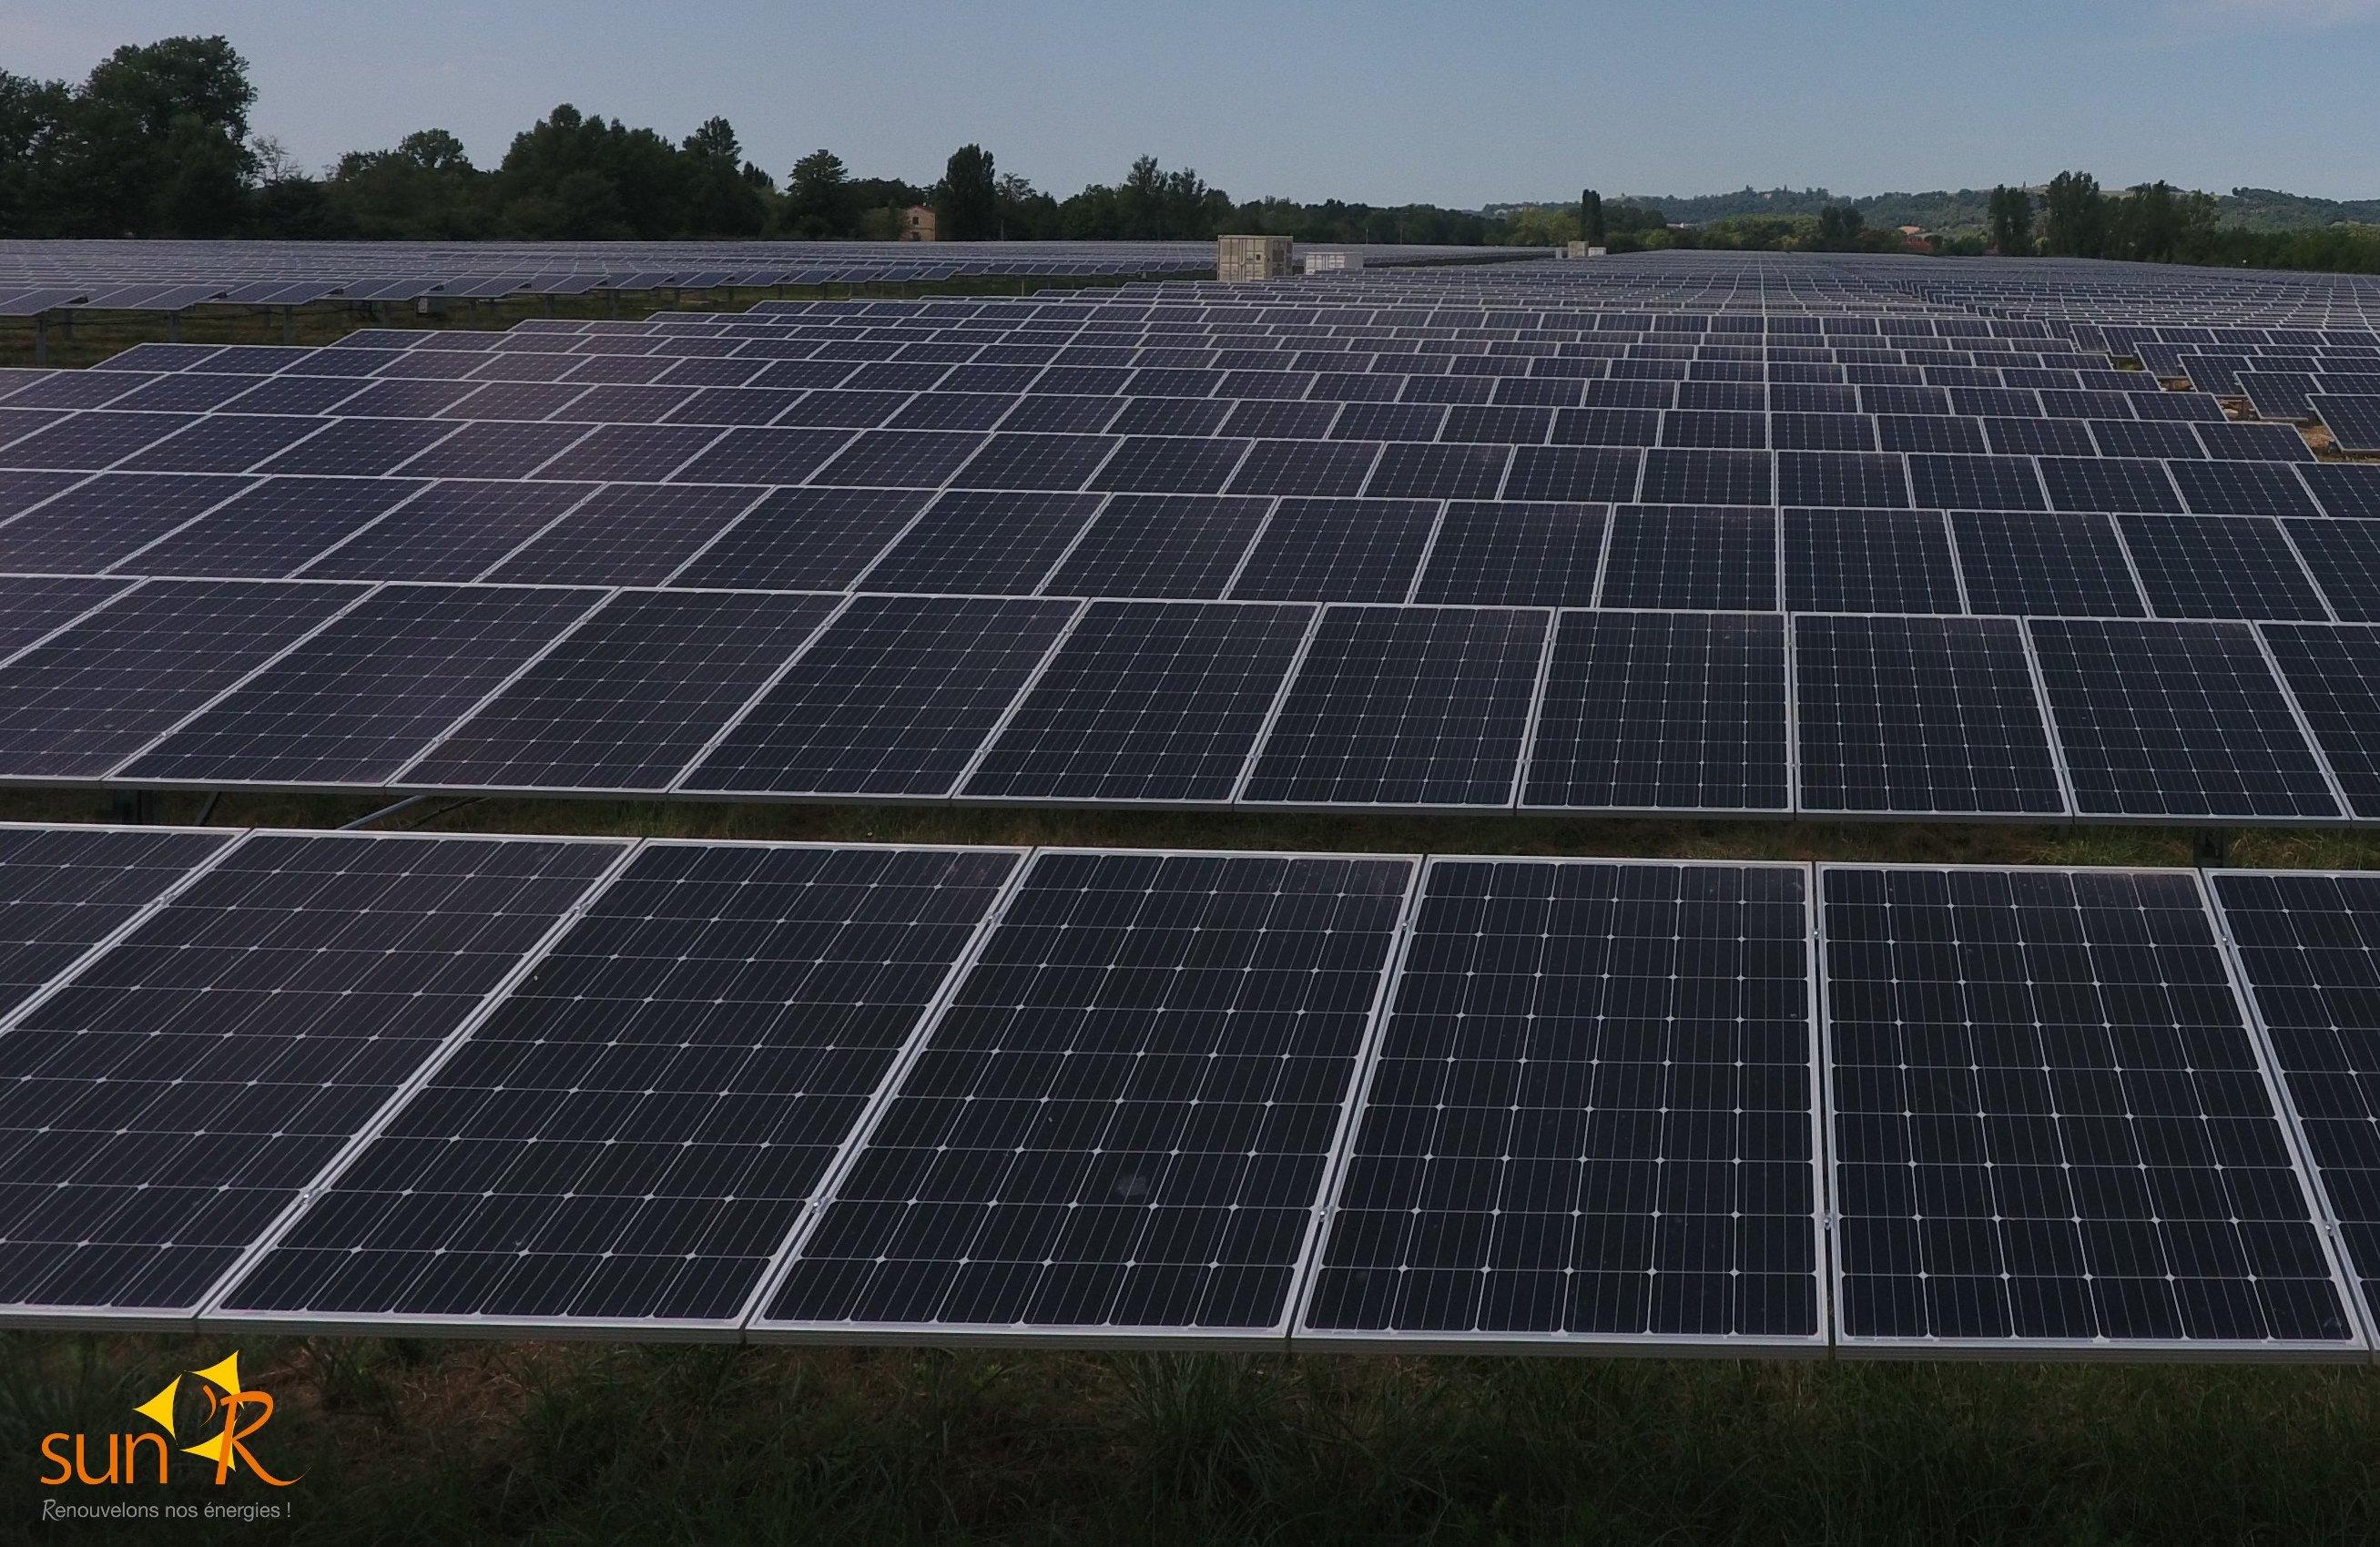 centrale photovoltaïque vue de près